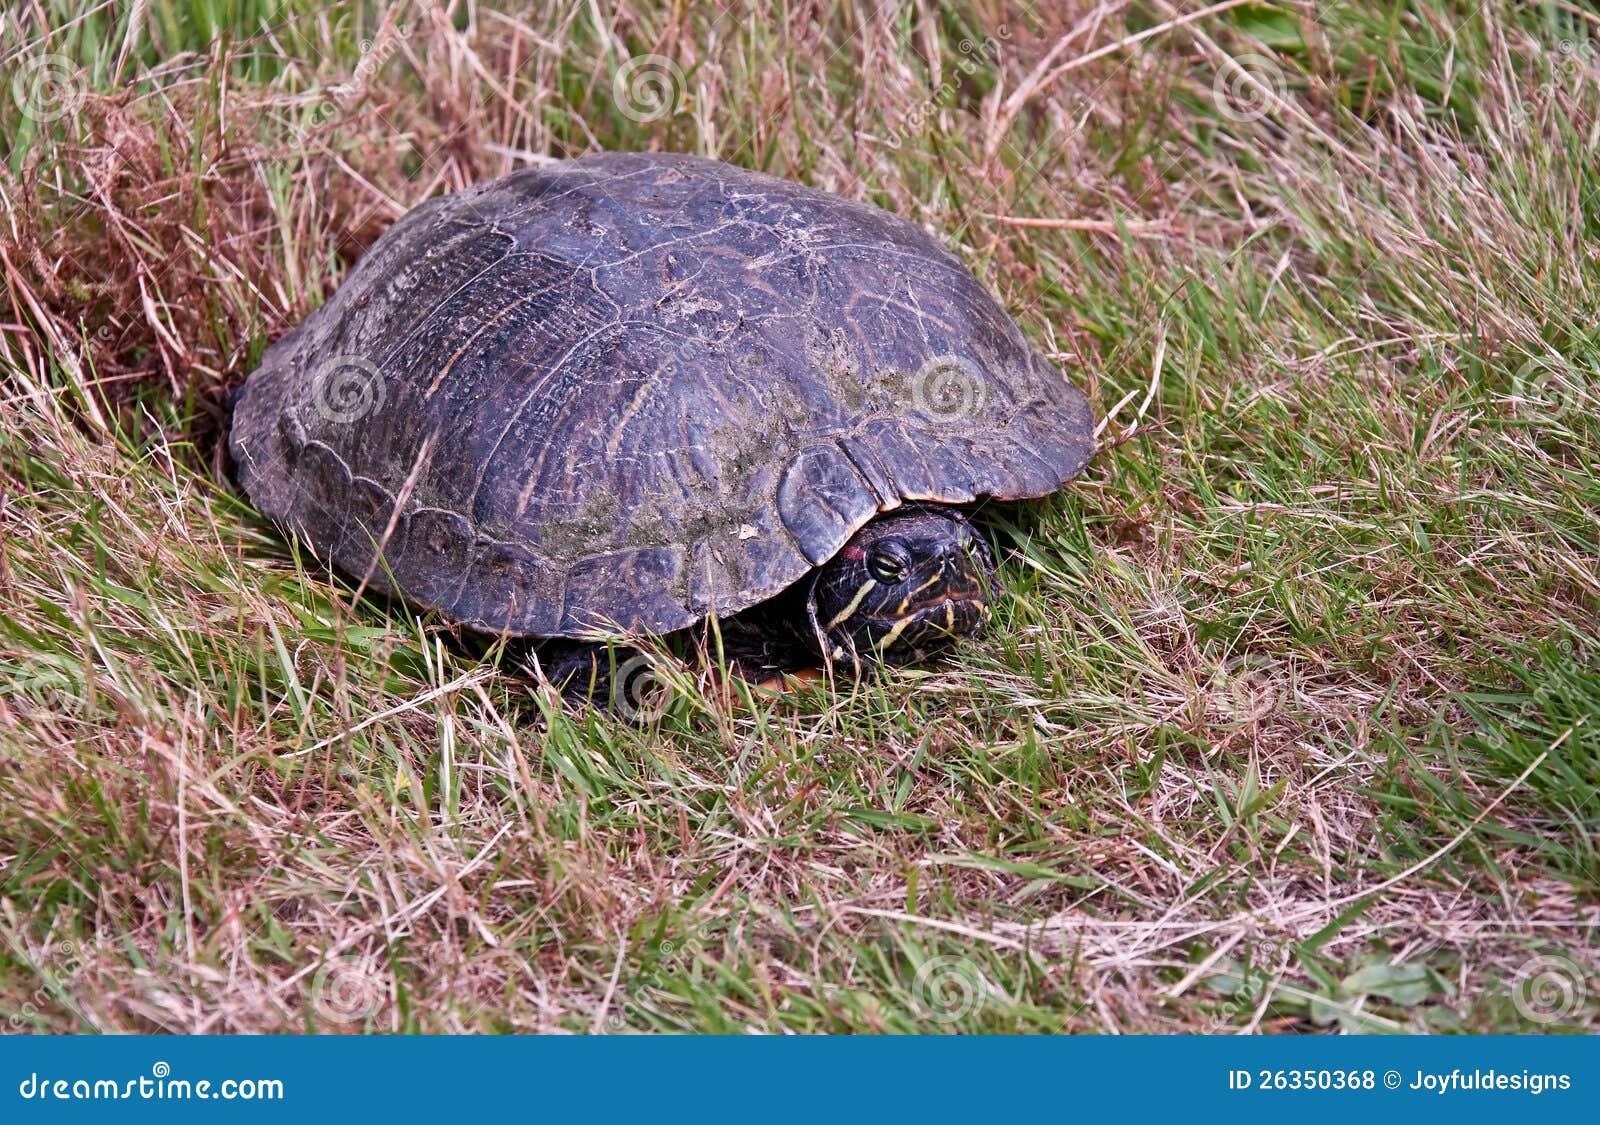 Gemalte Schildkröte, die Eier im Gras legt